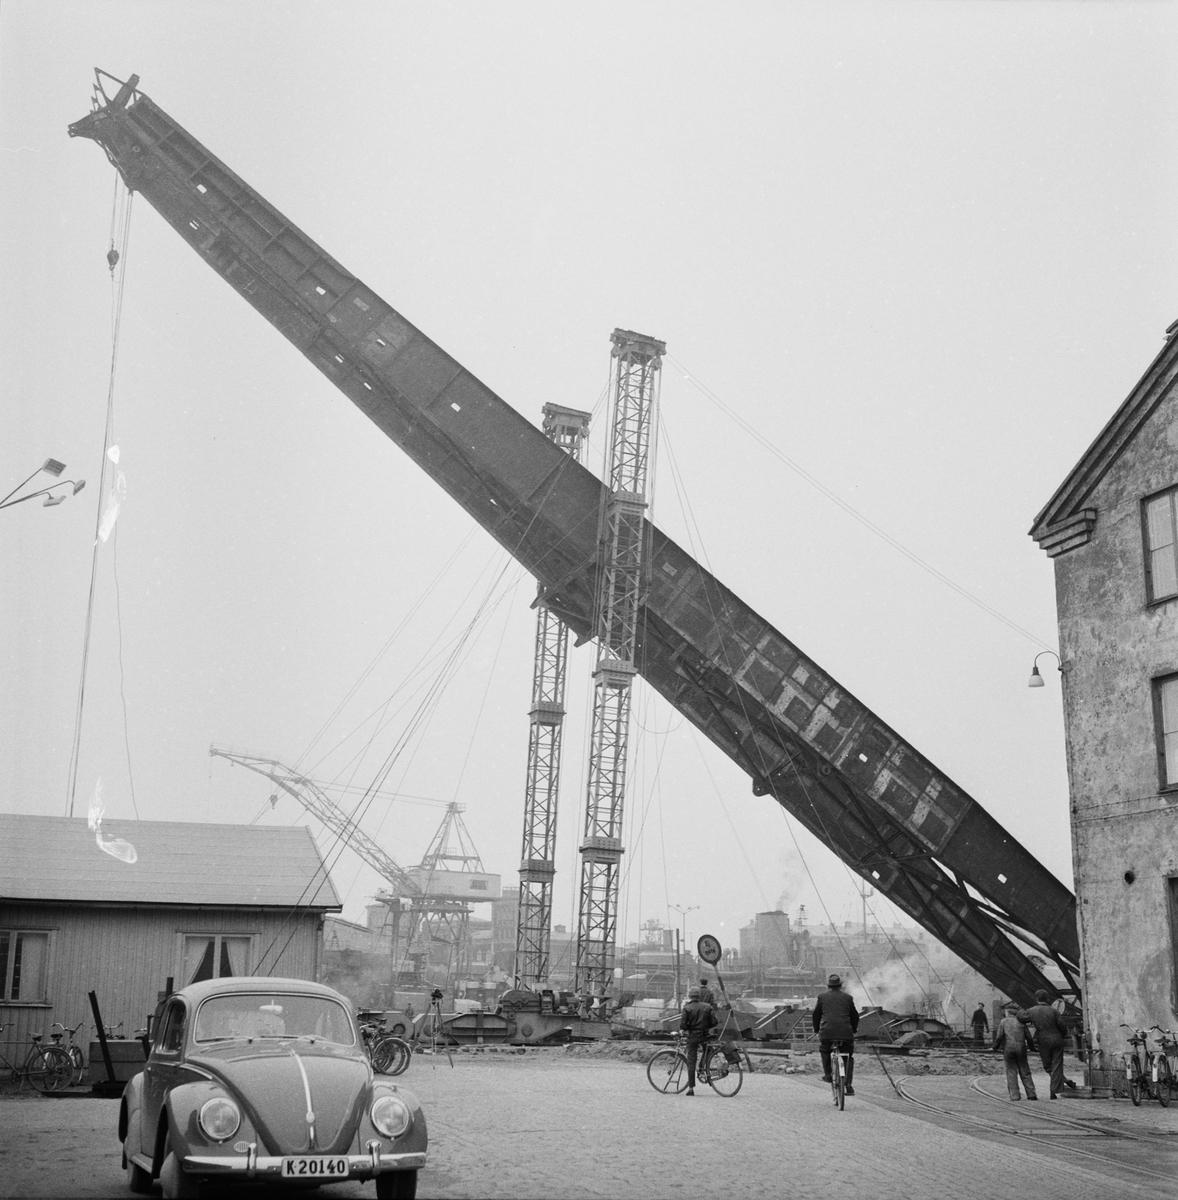 Övrigt: Fotodatum:9/4 1959 Byggnader och Kranar. Nya 100-tonskranen montering av kranarm. Närmast identisk bild: V16502 och V16515, ej skannade